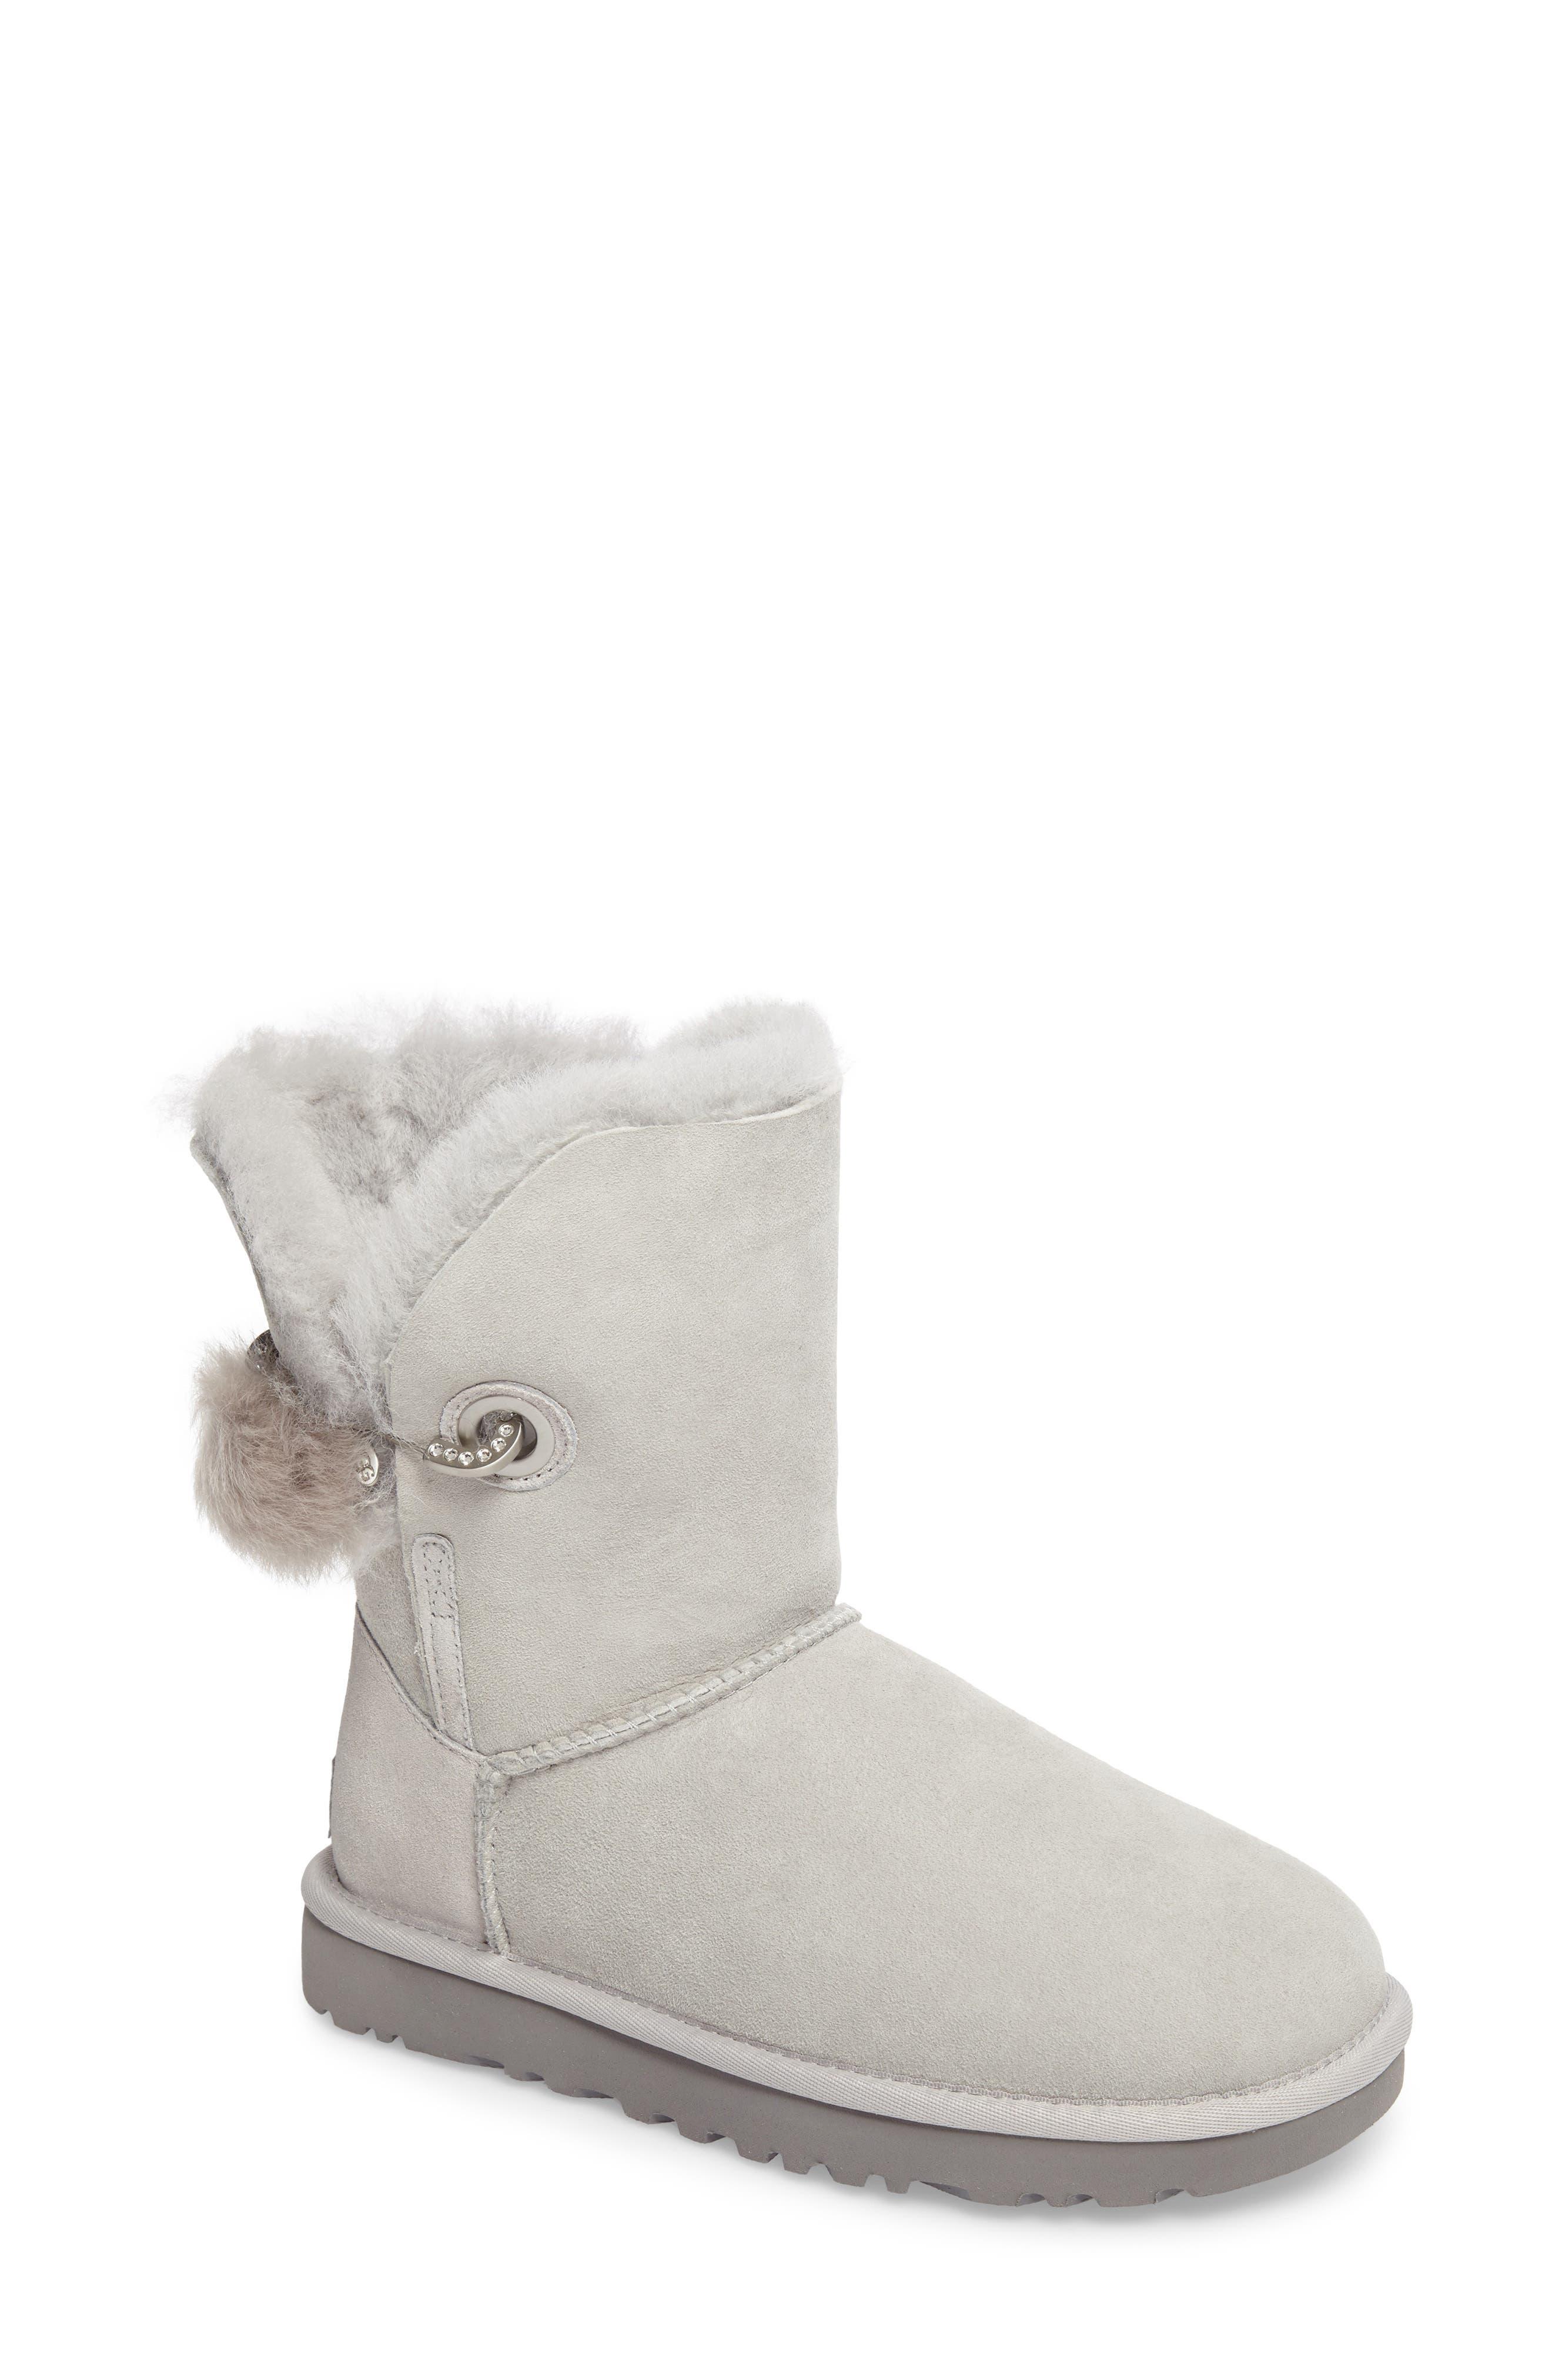 ugg waterproof boots nordstrom